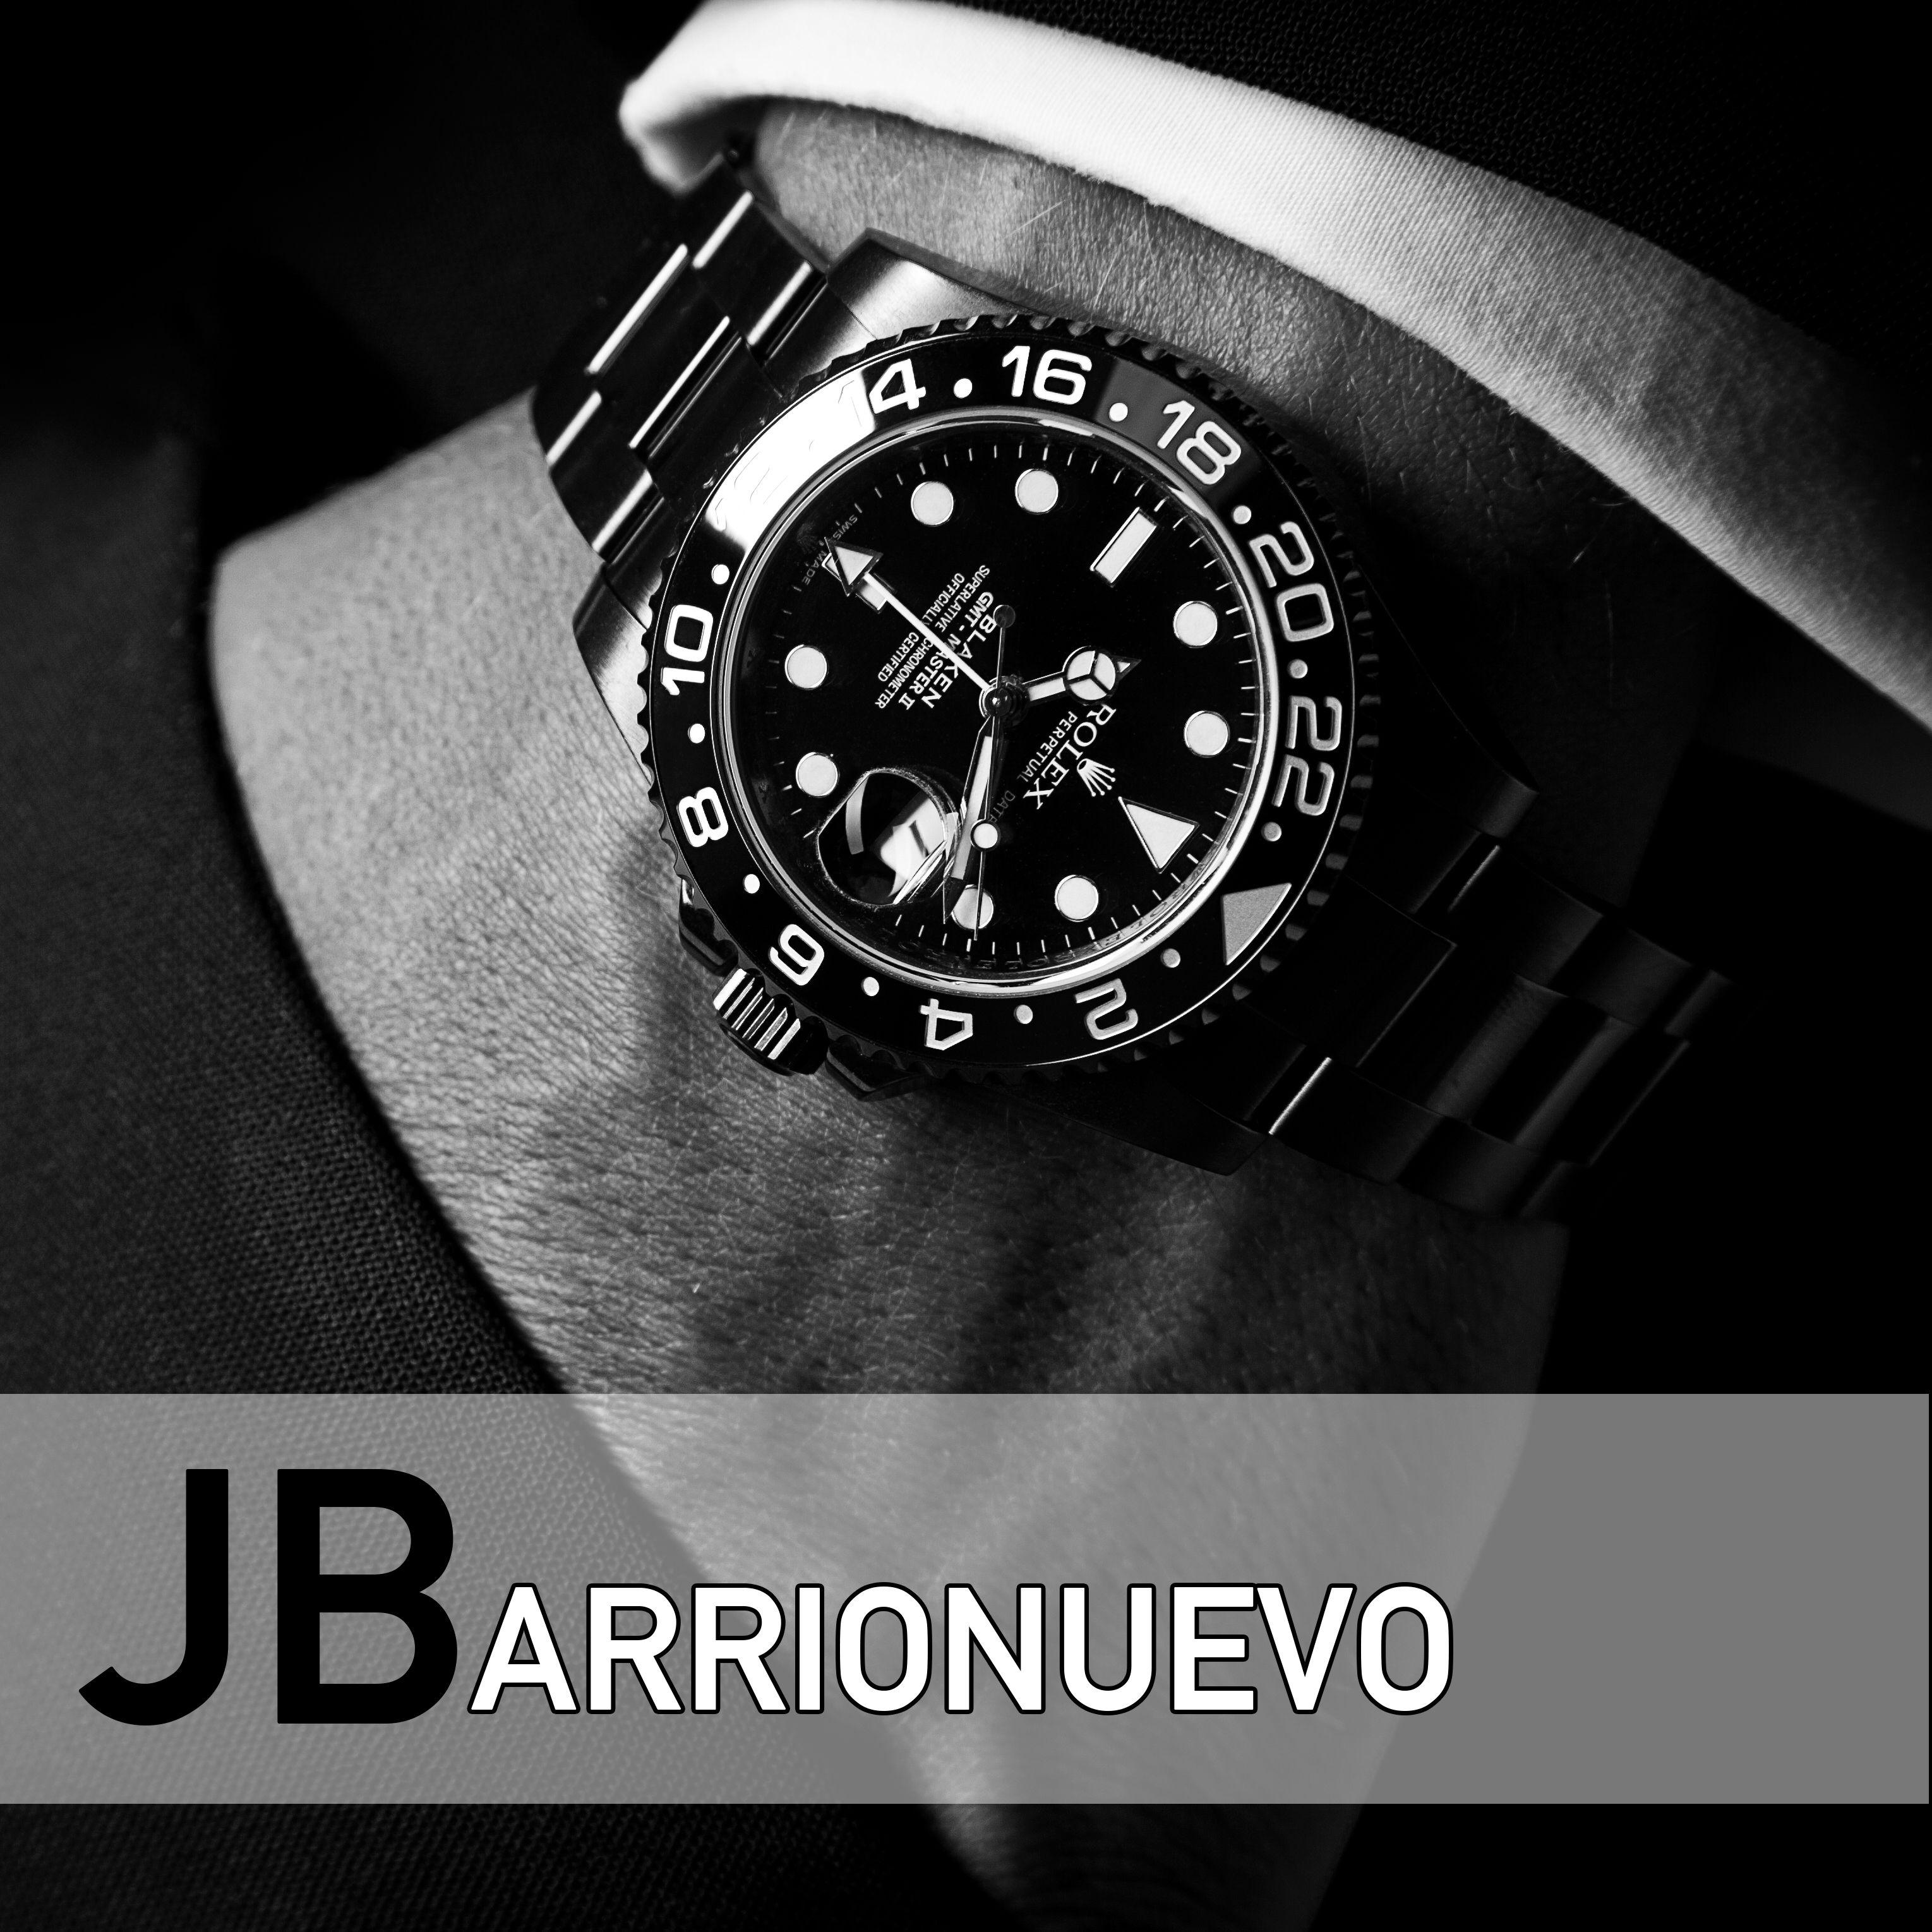 Jorge Barrionuevo Compra Venta De Relojes De Lujo Venta De Relojes Relojes De Lujo Rolex